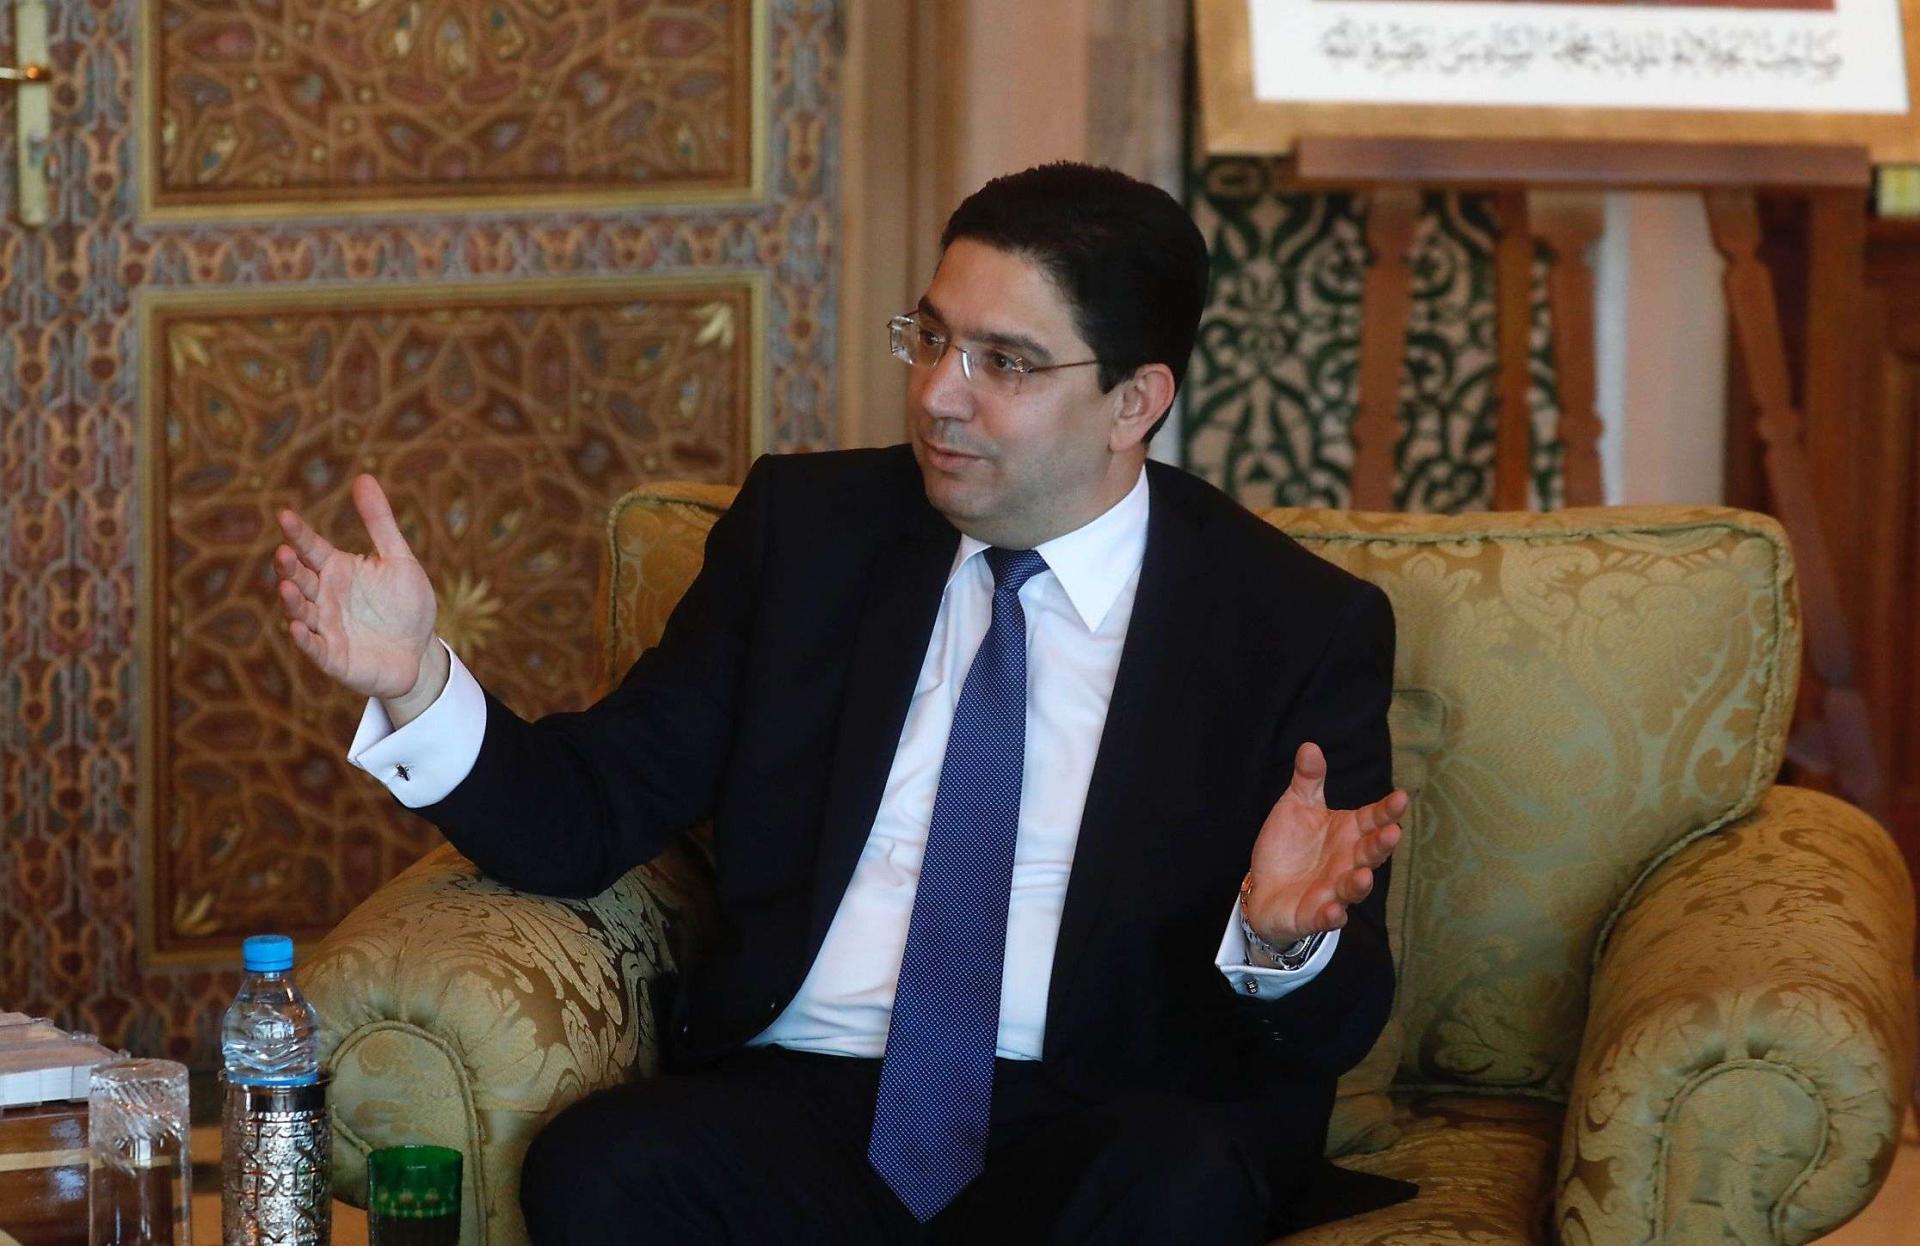 نجل نتنياهو يطير فرحا بتصريحات وزير خارجية المغرب: ماذا قال على لسان محمد السادس؟